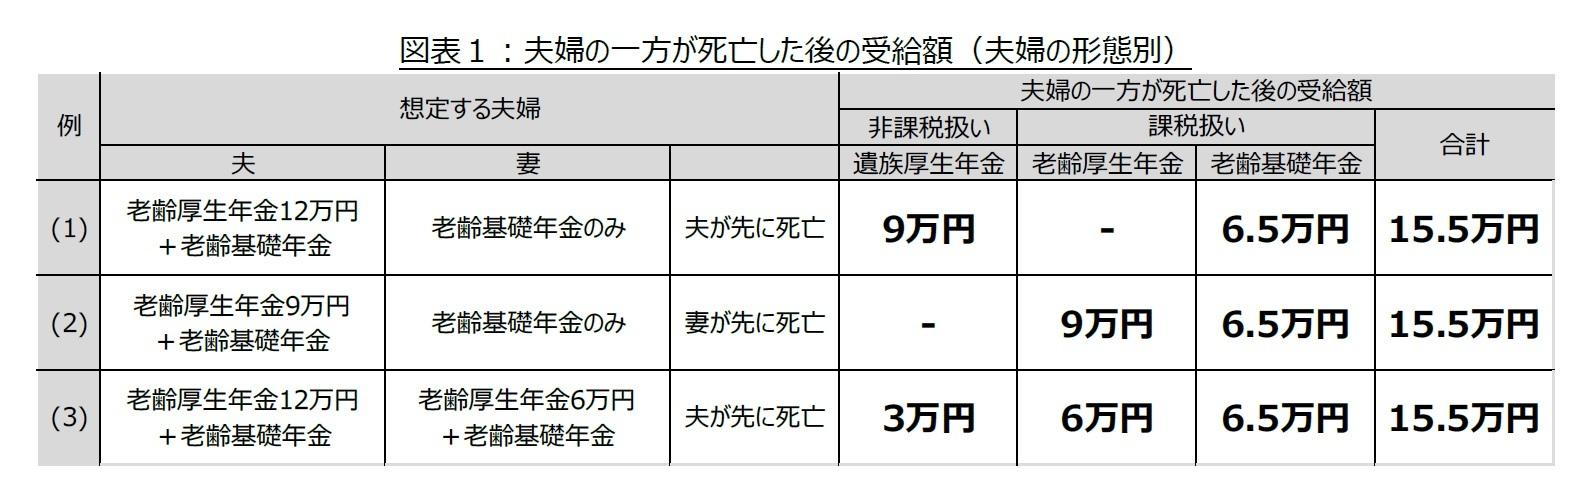 図表1:夫婦の一方が死亡した後の受給額(夫婦の形態別)